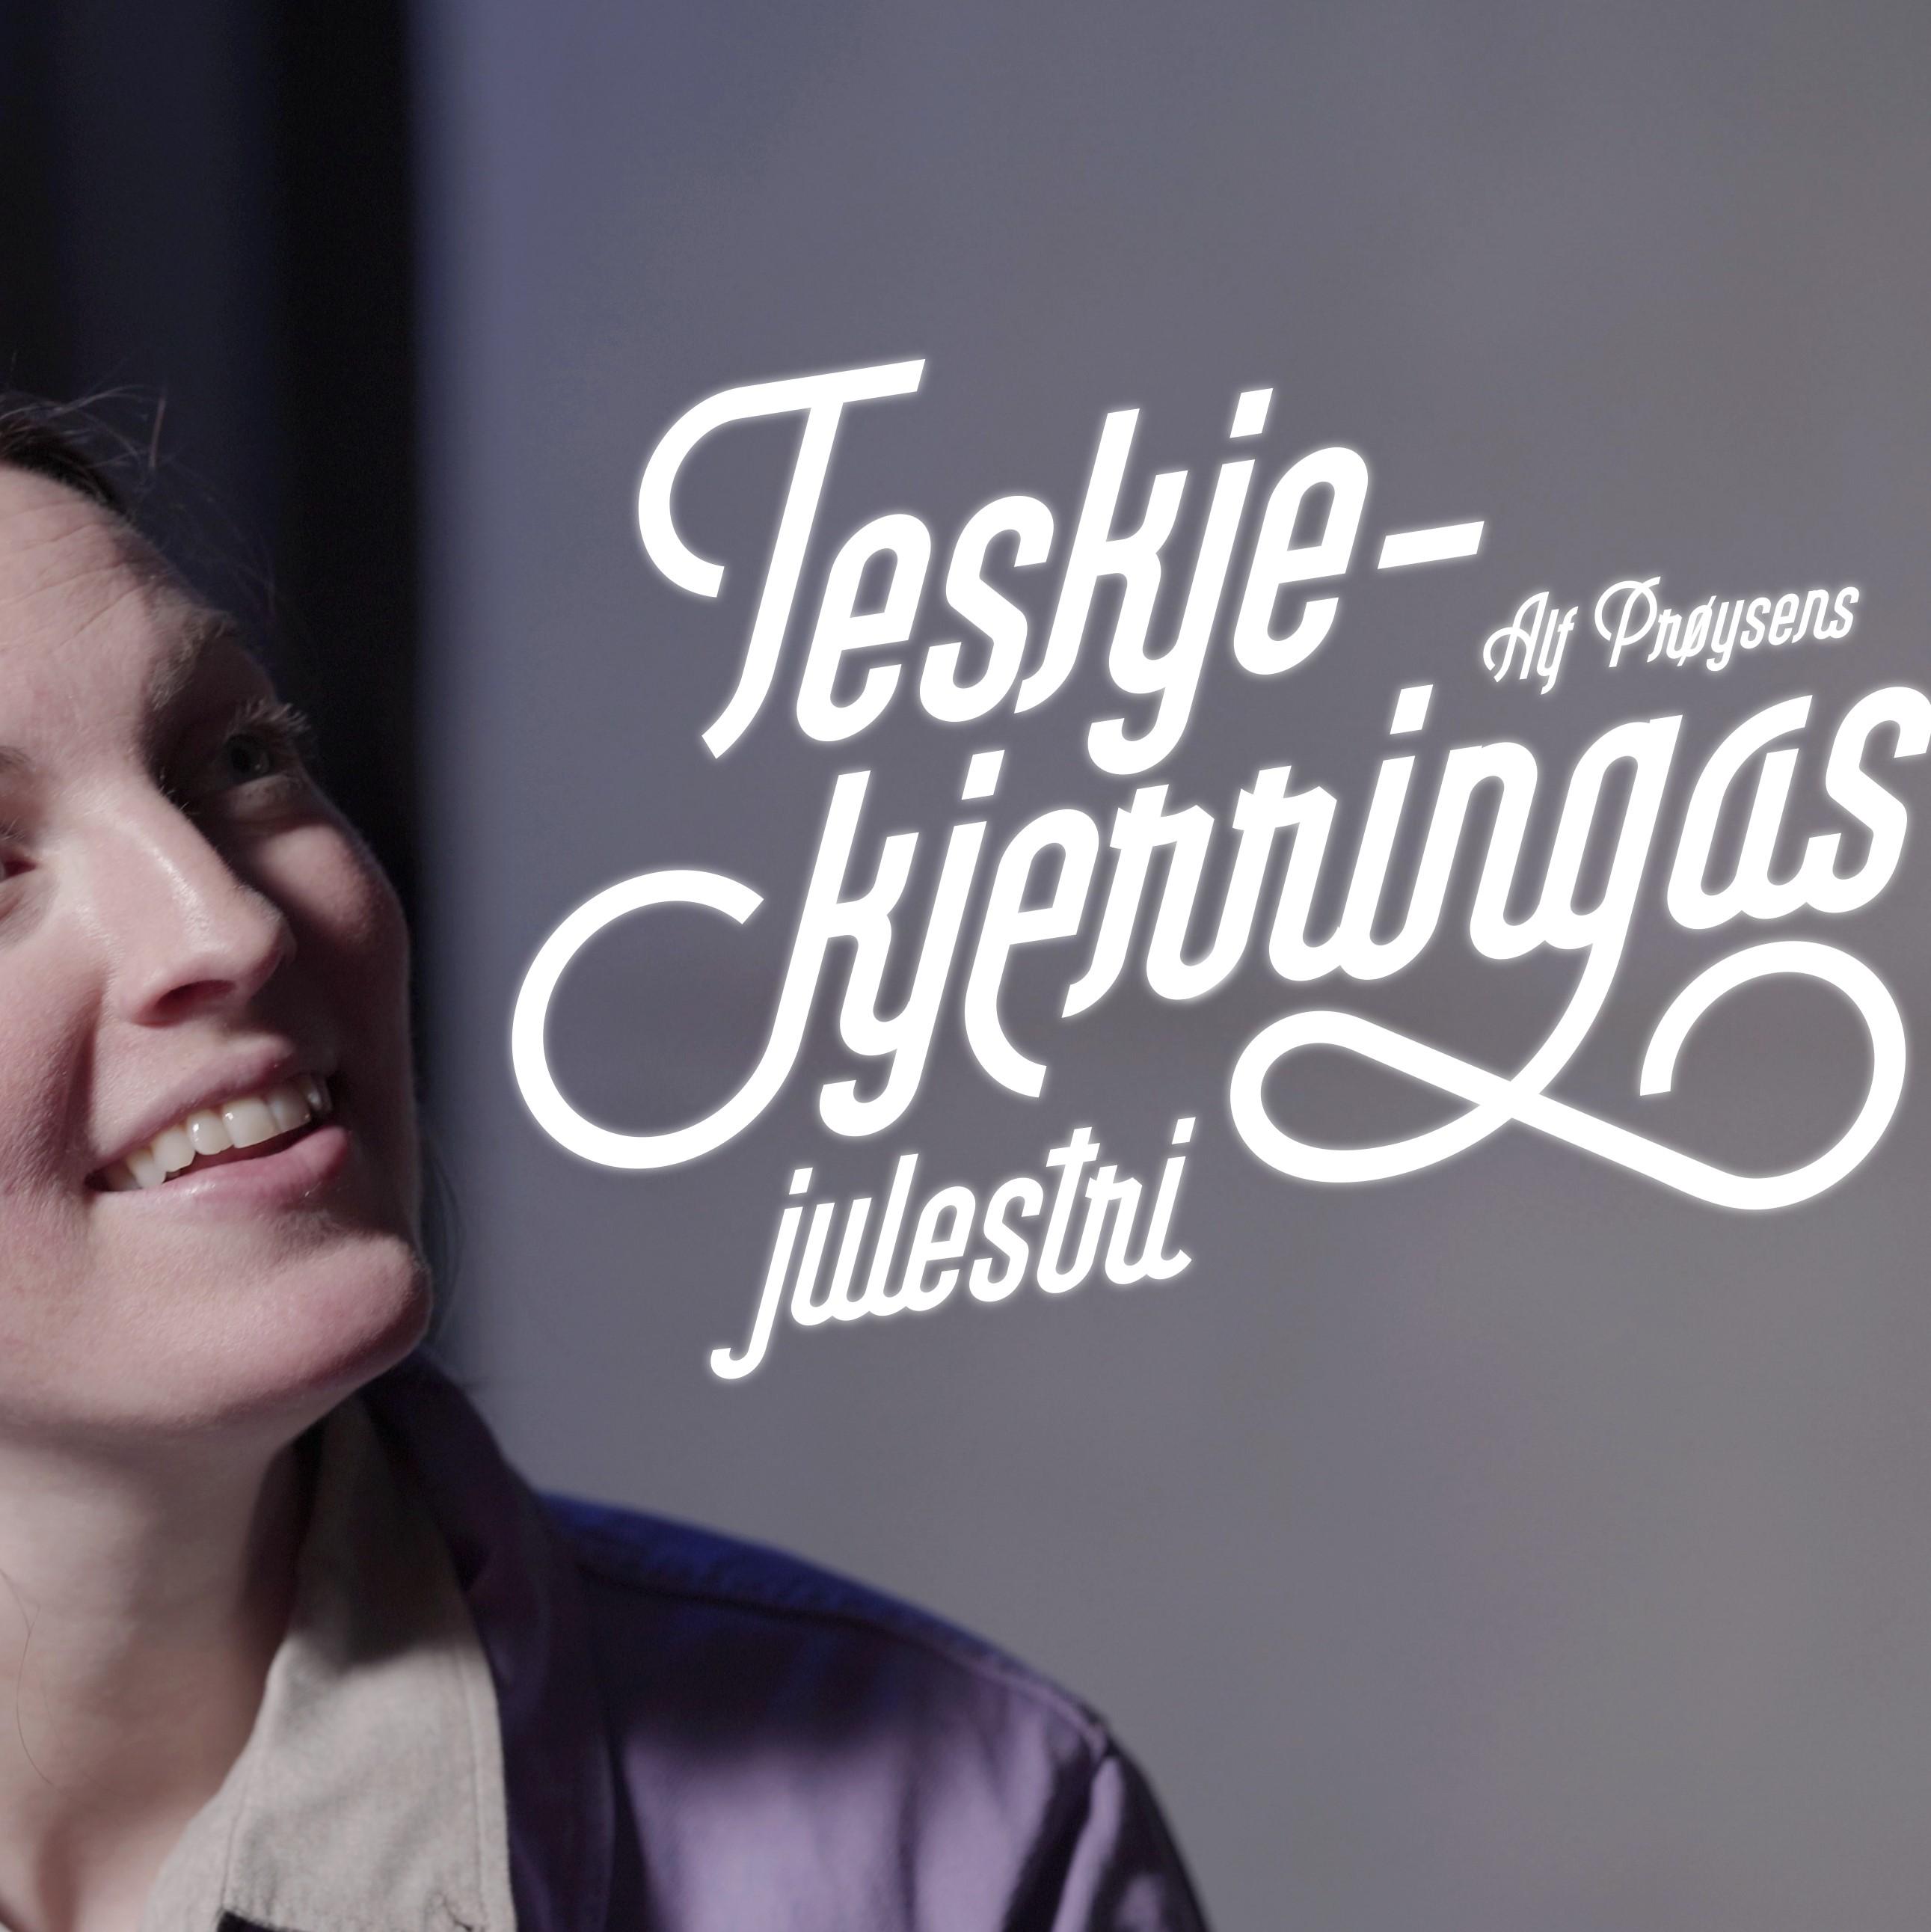 Turnéteatret i Trøndelag: TESKJEKJERRINGAS JULESTRI (UTSOLGT)